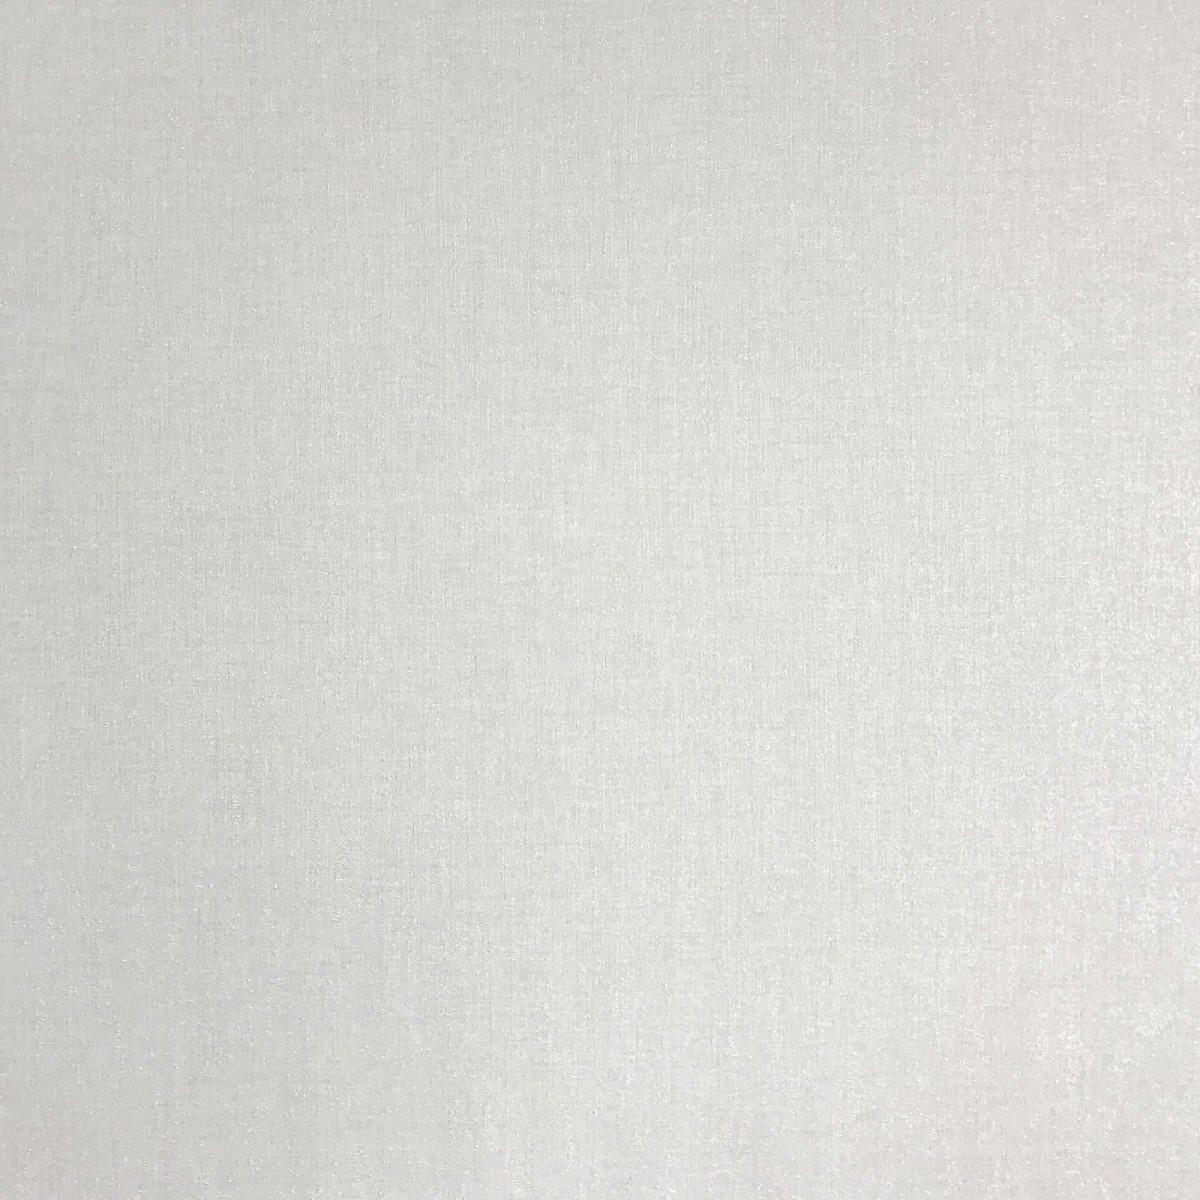 Обои флизелиновые Rasch Kyoto белые 958829 1.06 м